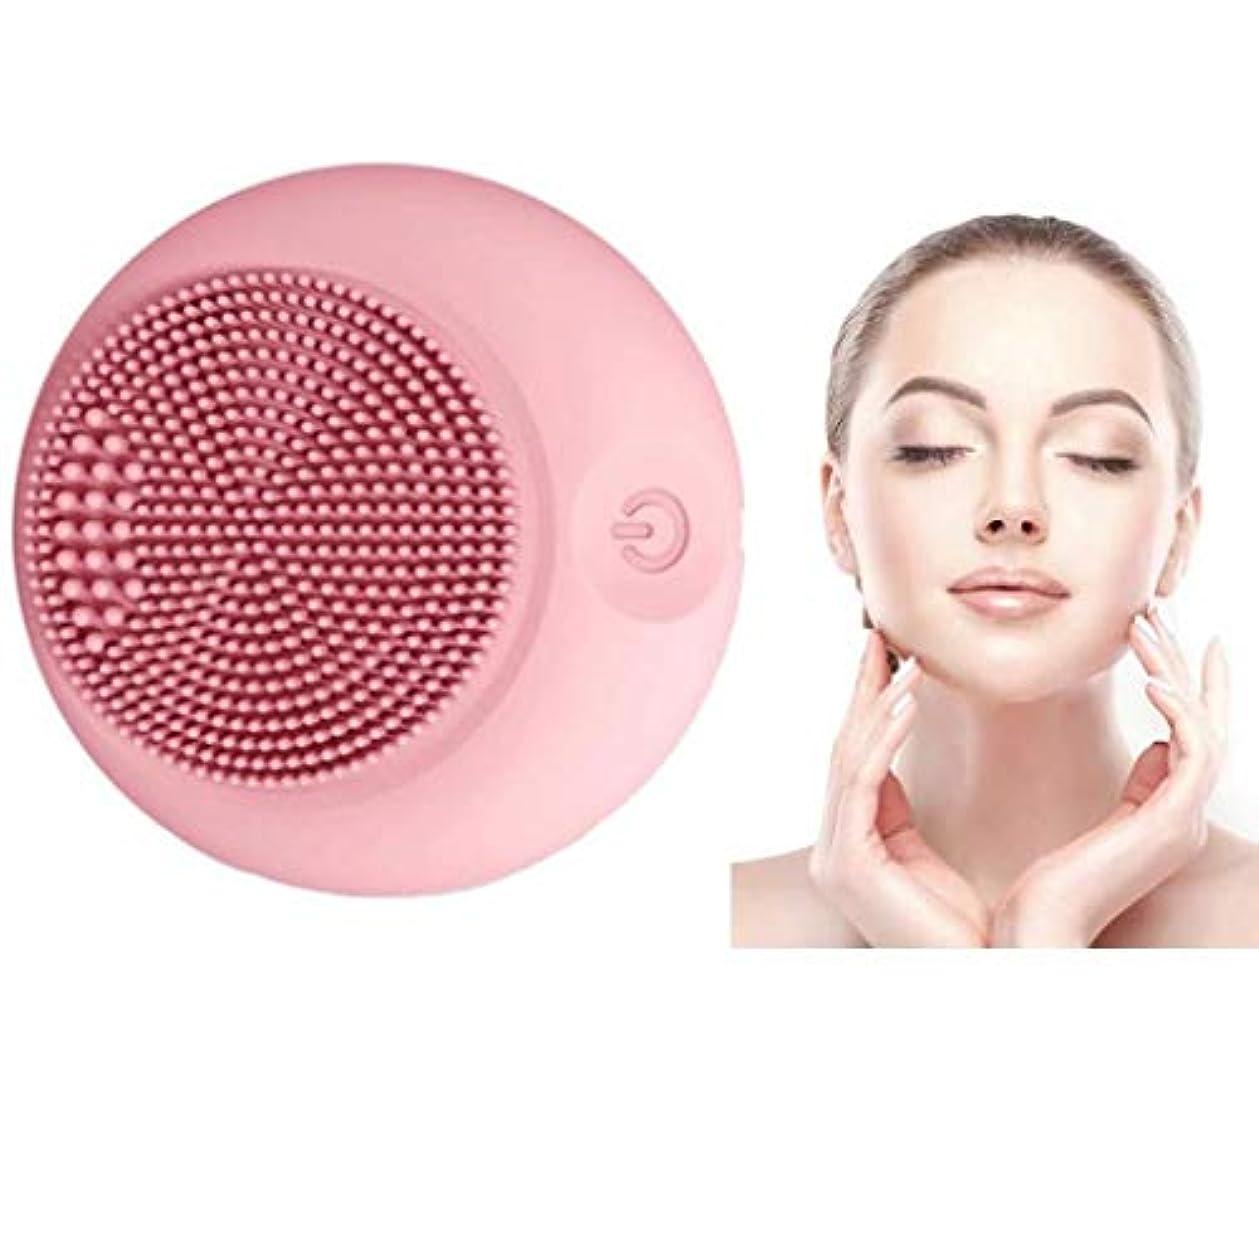 必要ない性格拡声器クレンジング楽器、シリコンクレンジングブラシ、電動ウォッシュブラシ、シリコンフェイシャルマッサージ、ポータブル超音波振動、肌を清潔に保ち、防水、すべての肌タイプに適して (Color : Pink)